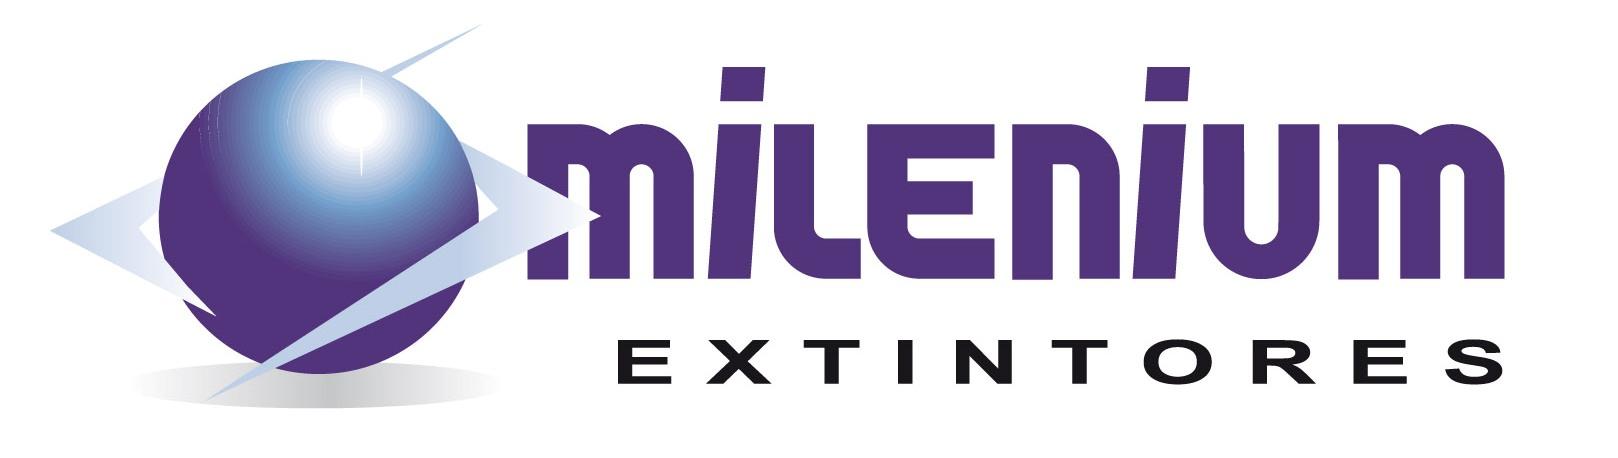 Extintores Milenium